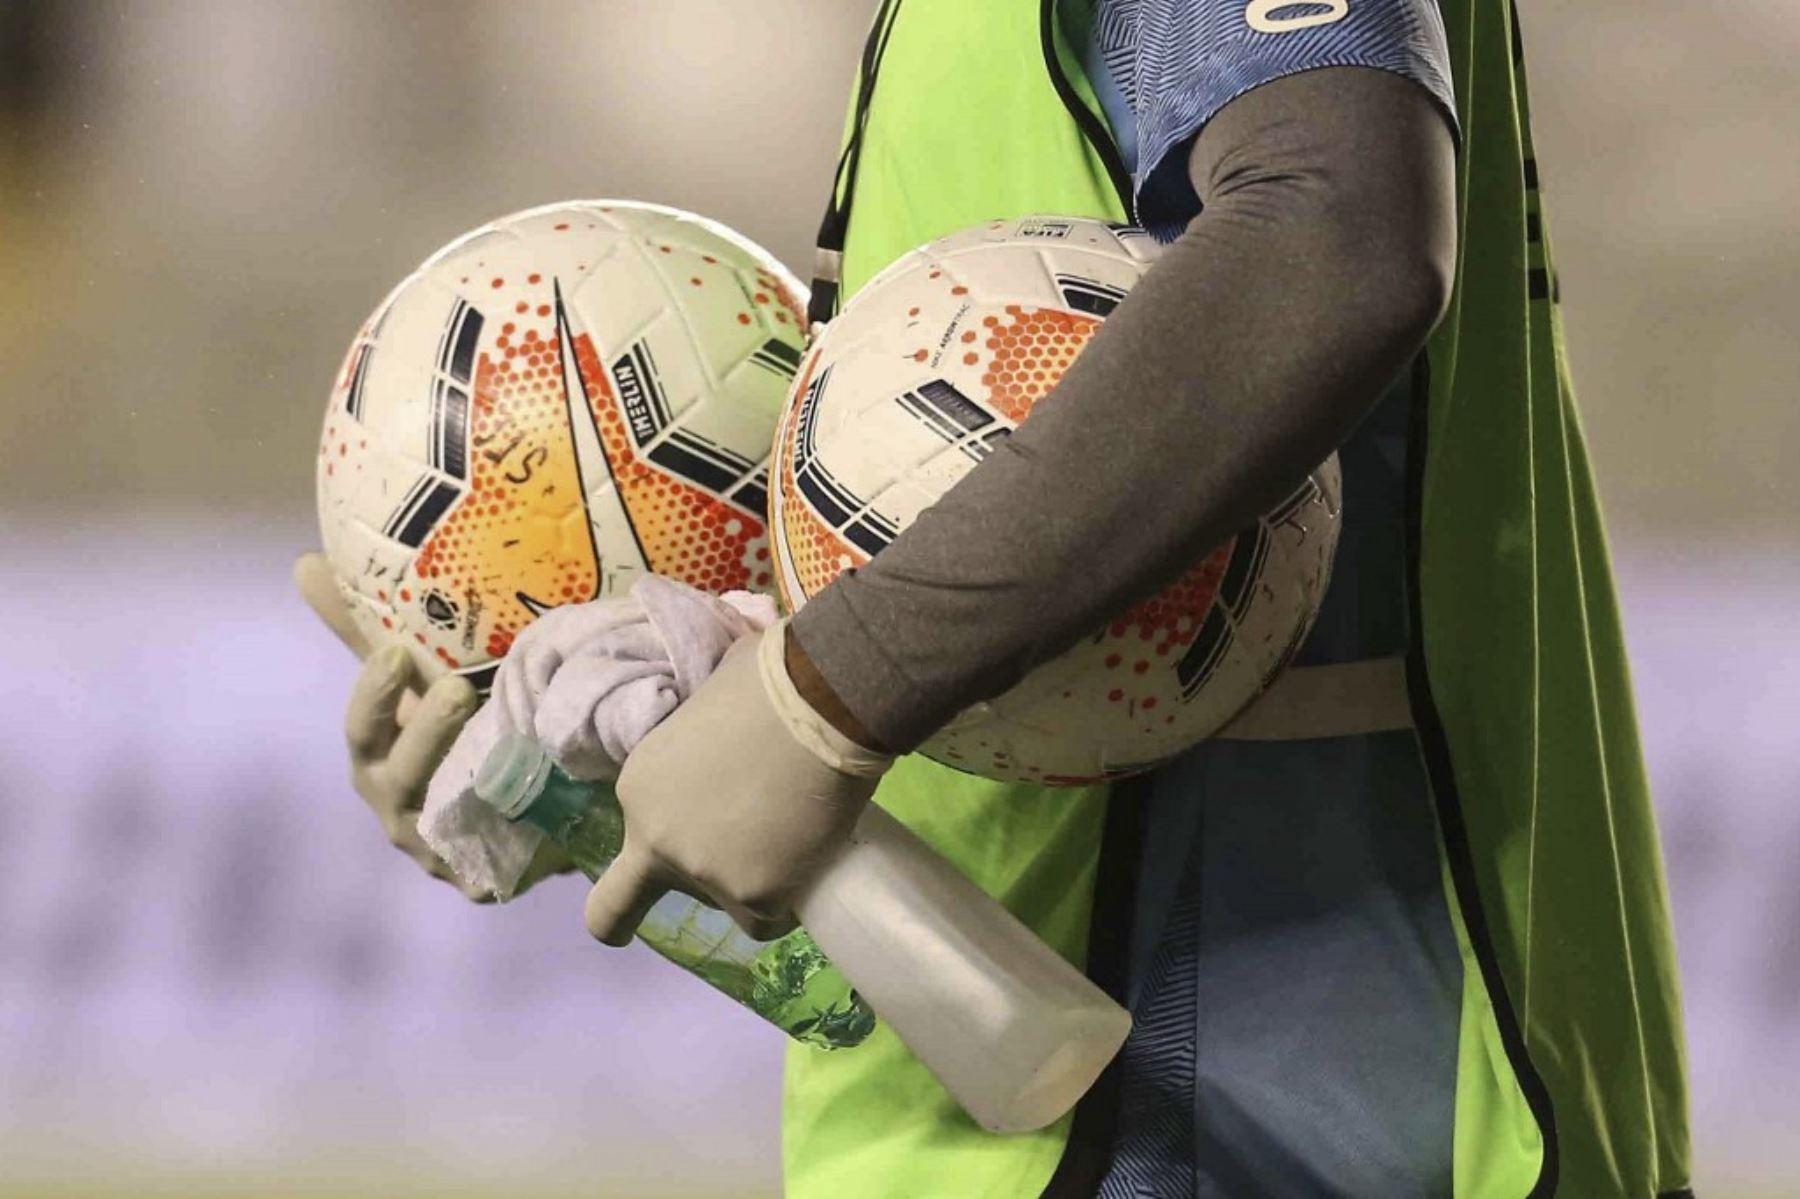 Un recogepelotas sostiene balones y desinfectante durante un partido de fútbol a puertas cerradas por la fase de grupos de la Copa Libertadores entre el Santos de Brasil y el Olimpia de Paraguay, en el estadio Vila Belmiro en Santos. Foto: AFP